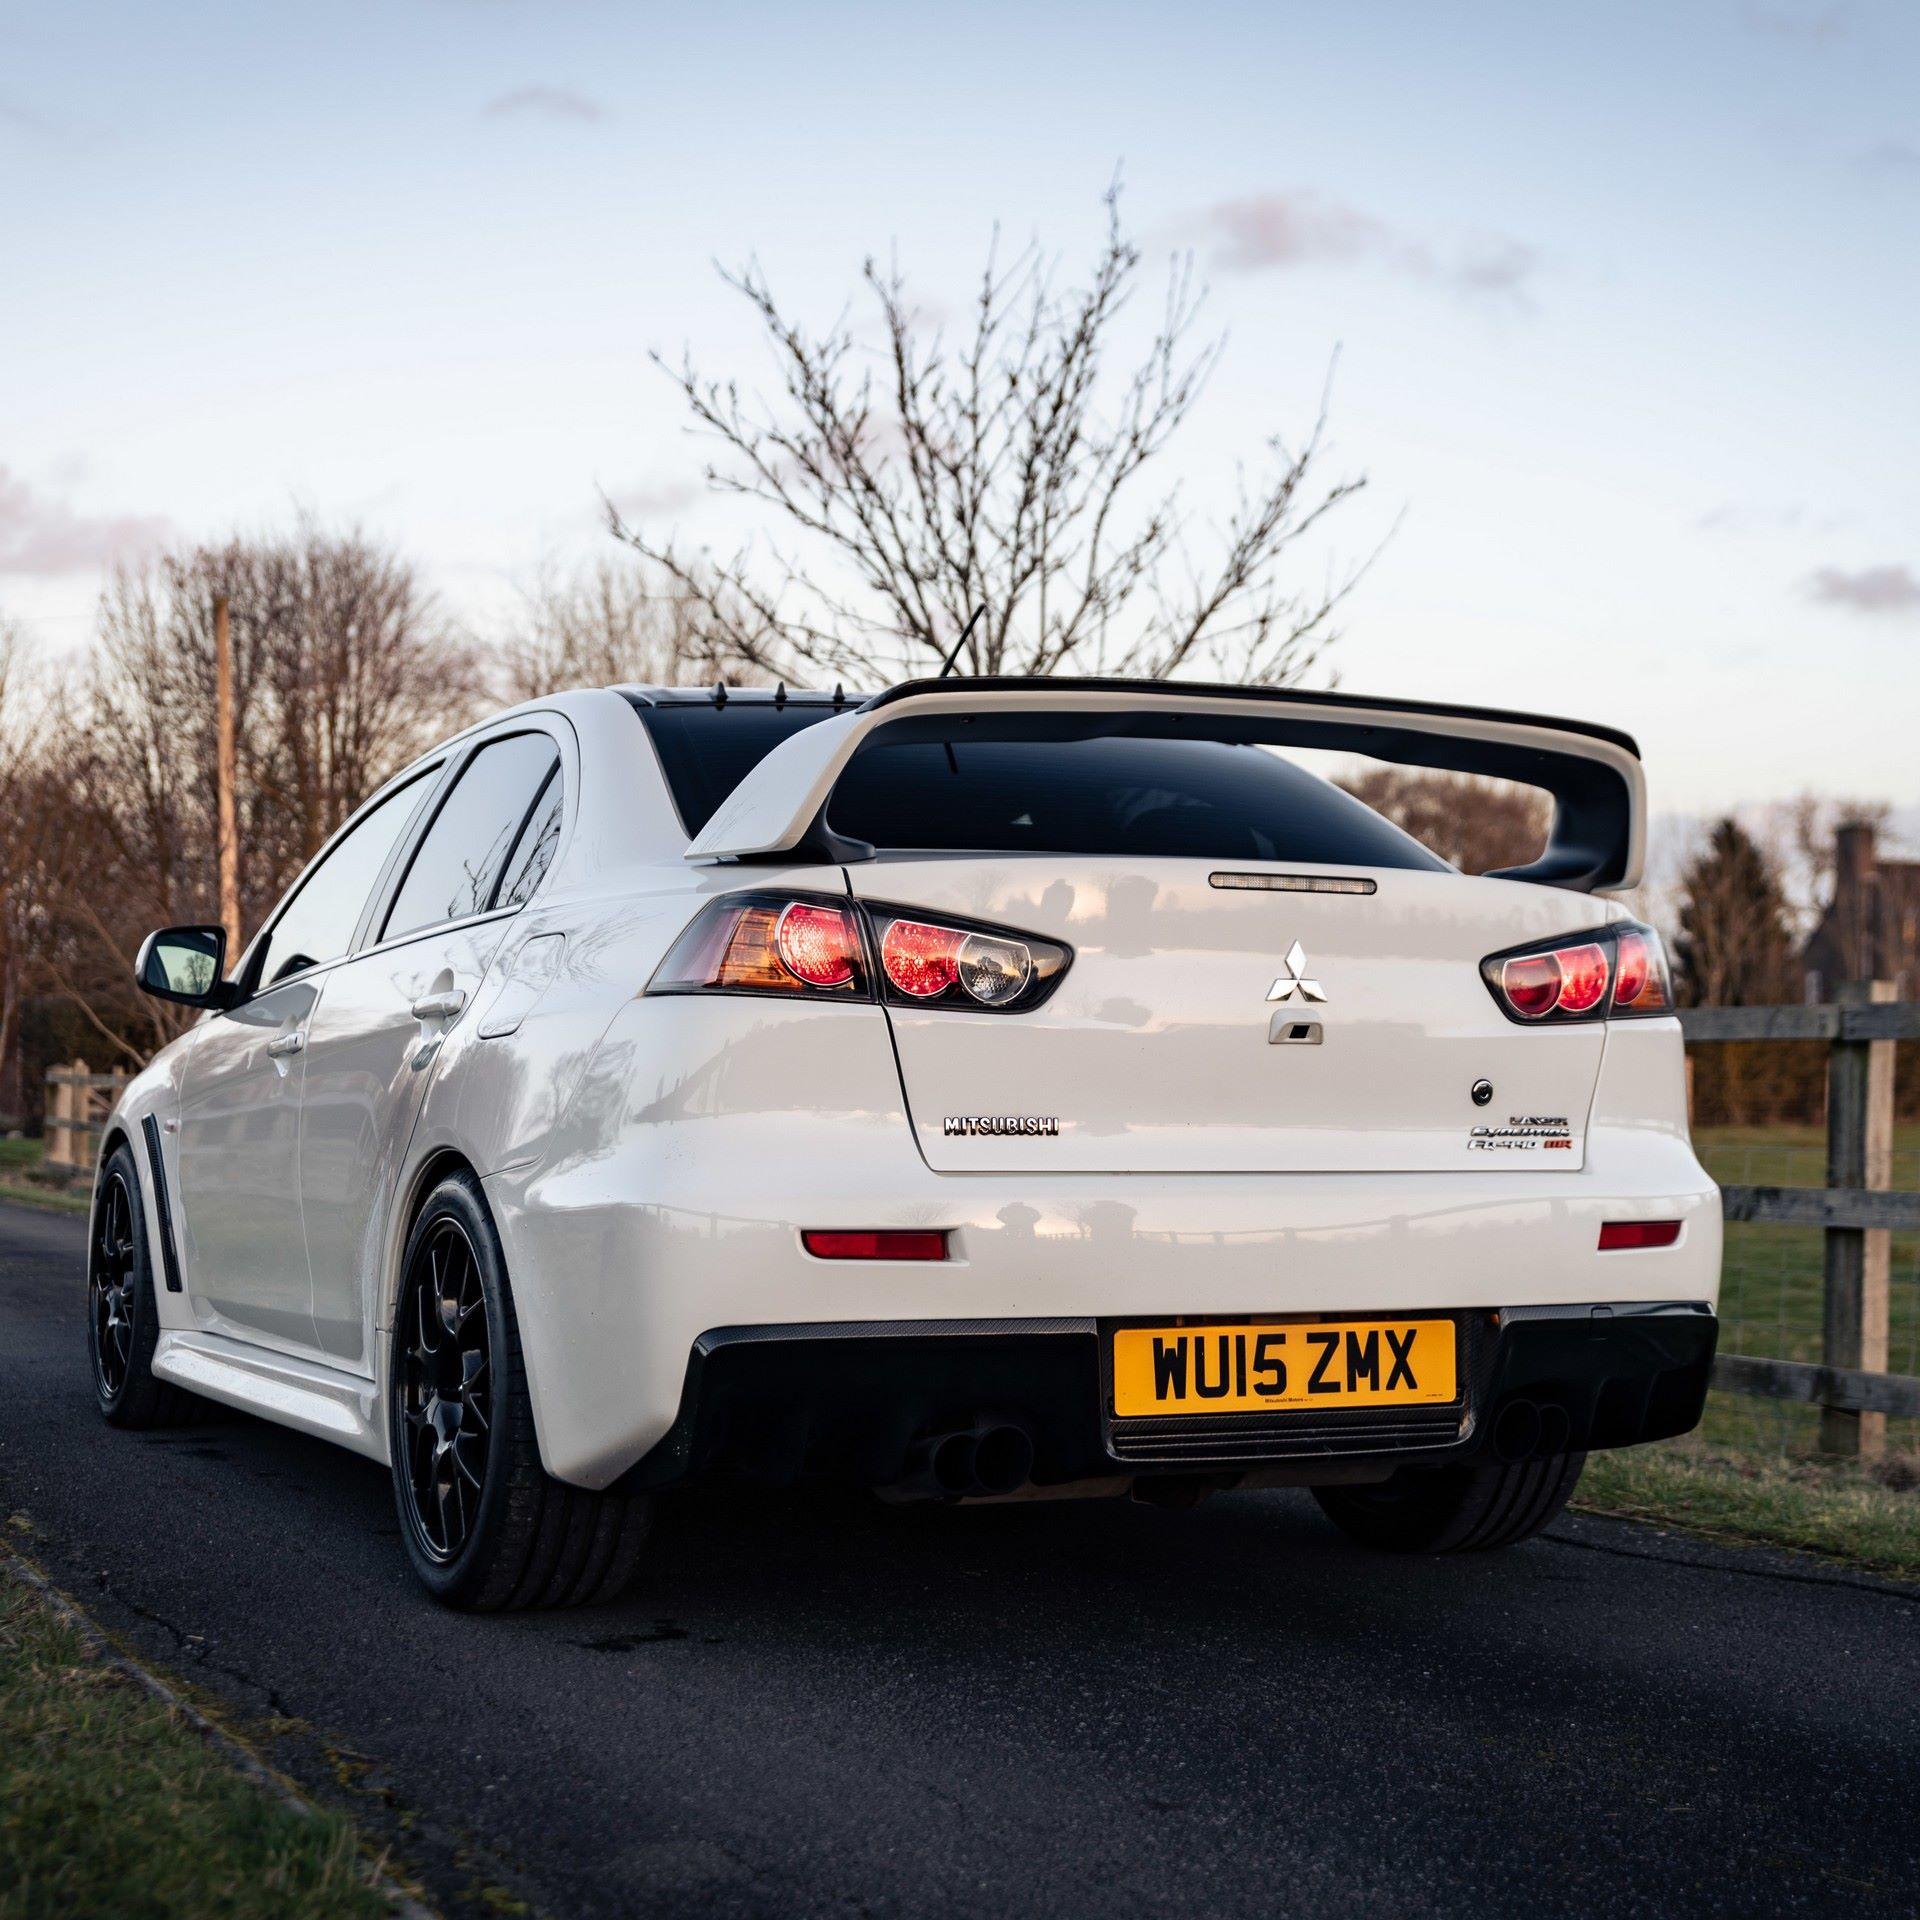 Mitsubishi-UK-fleet-auction-45